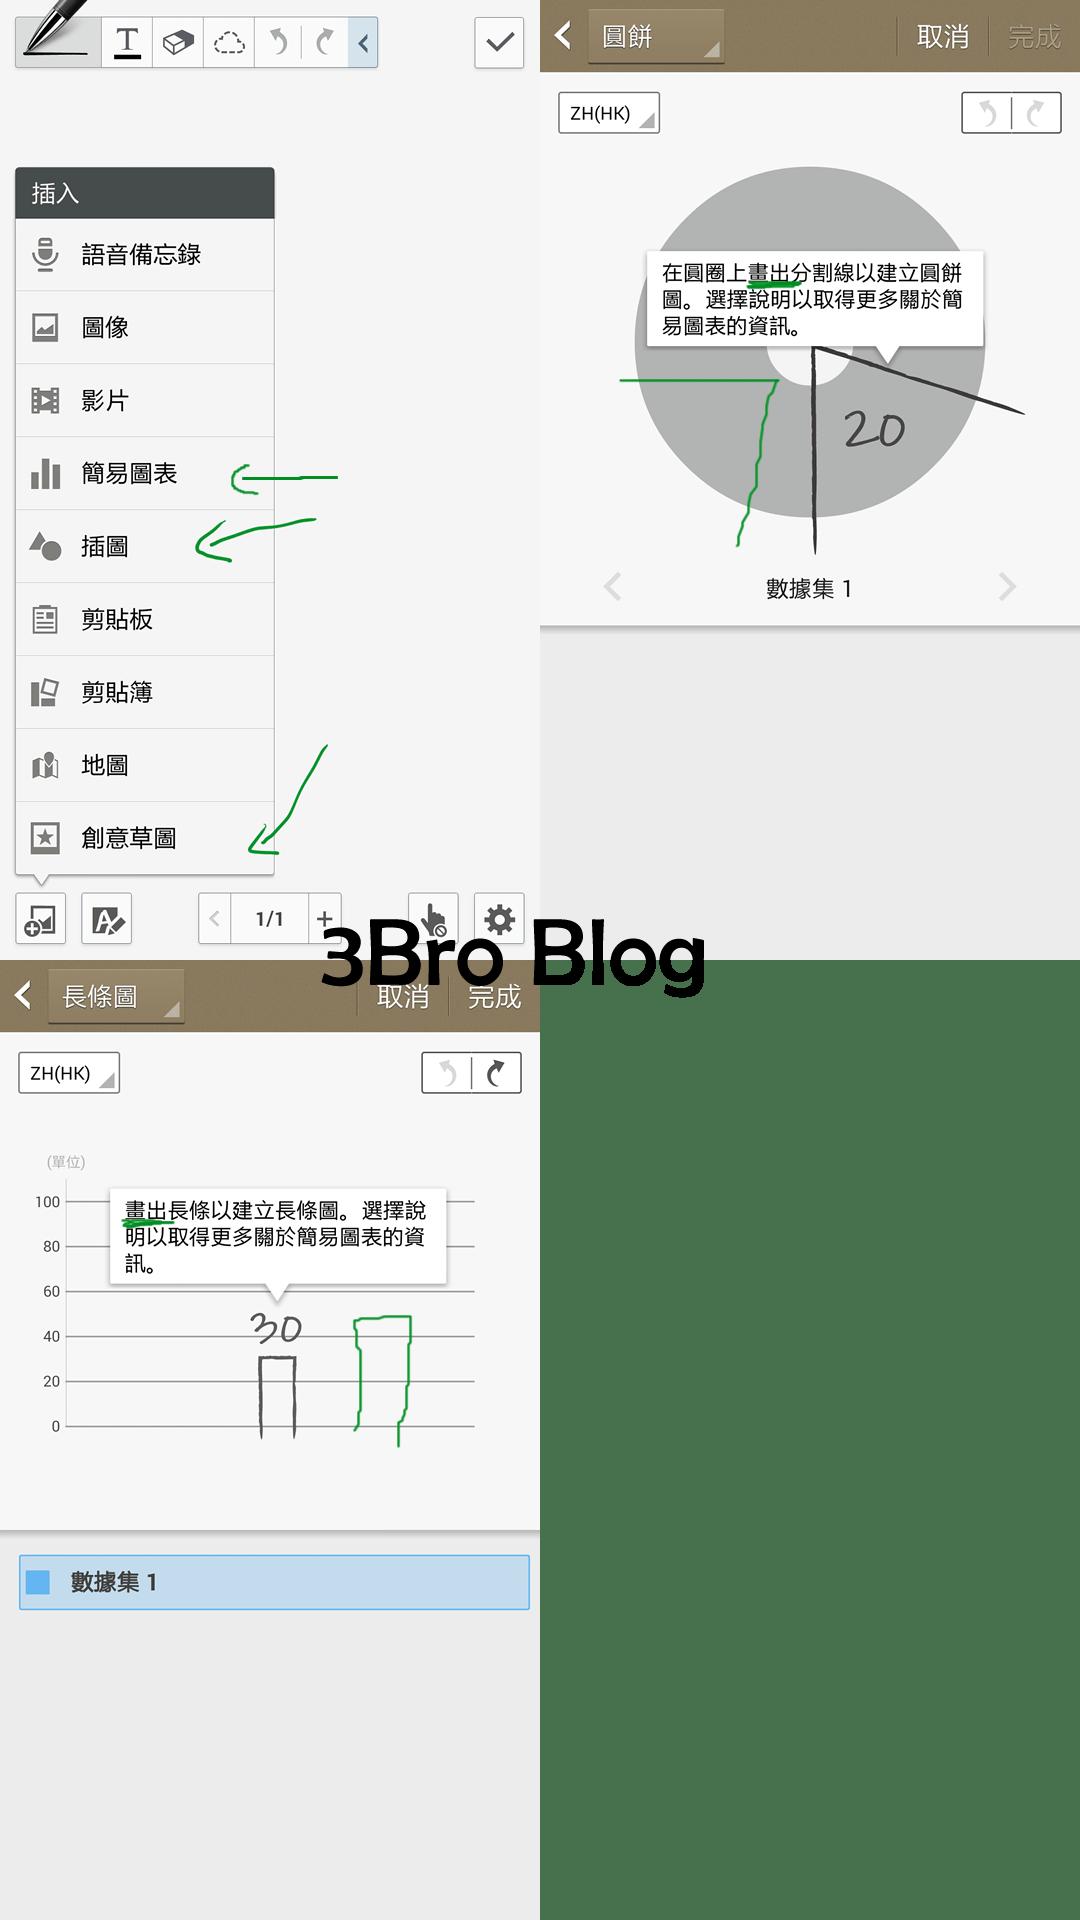 sa_sn_01